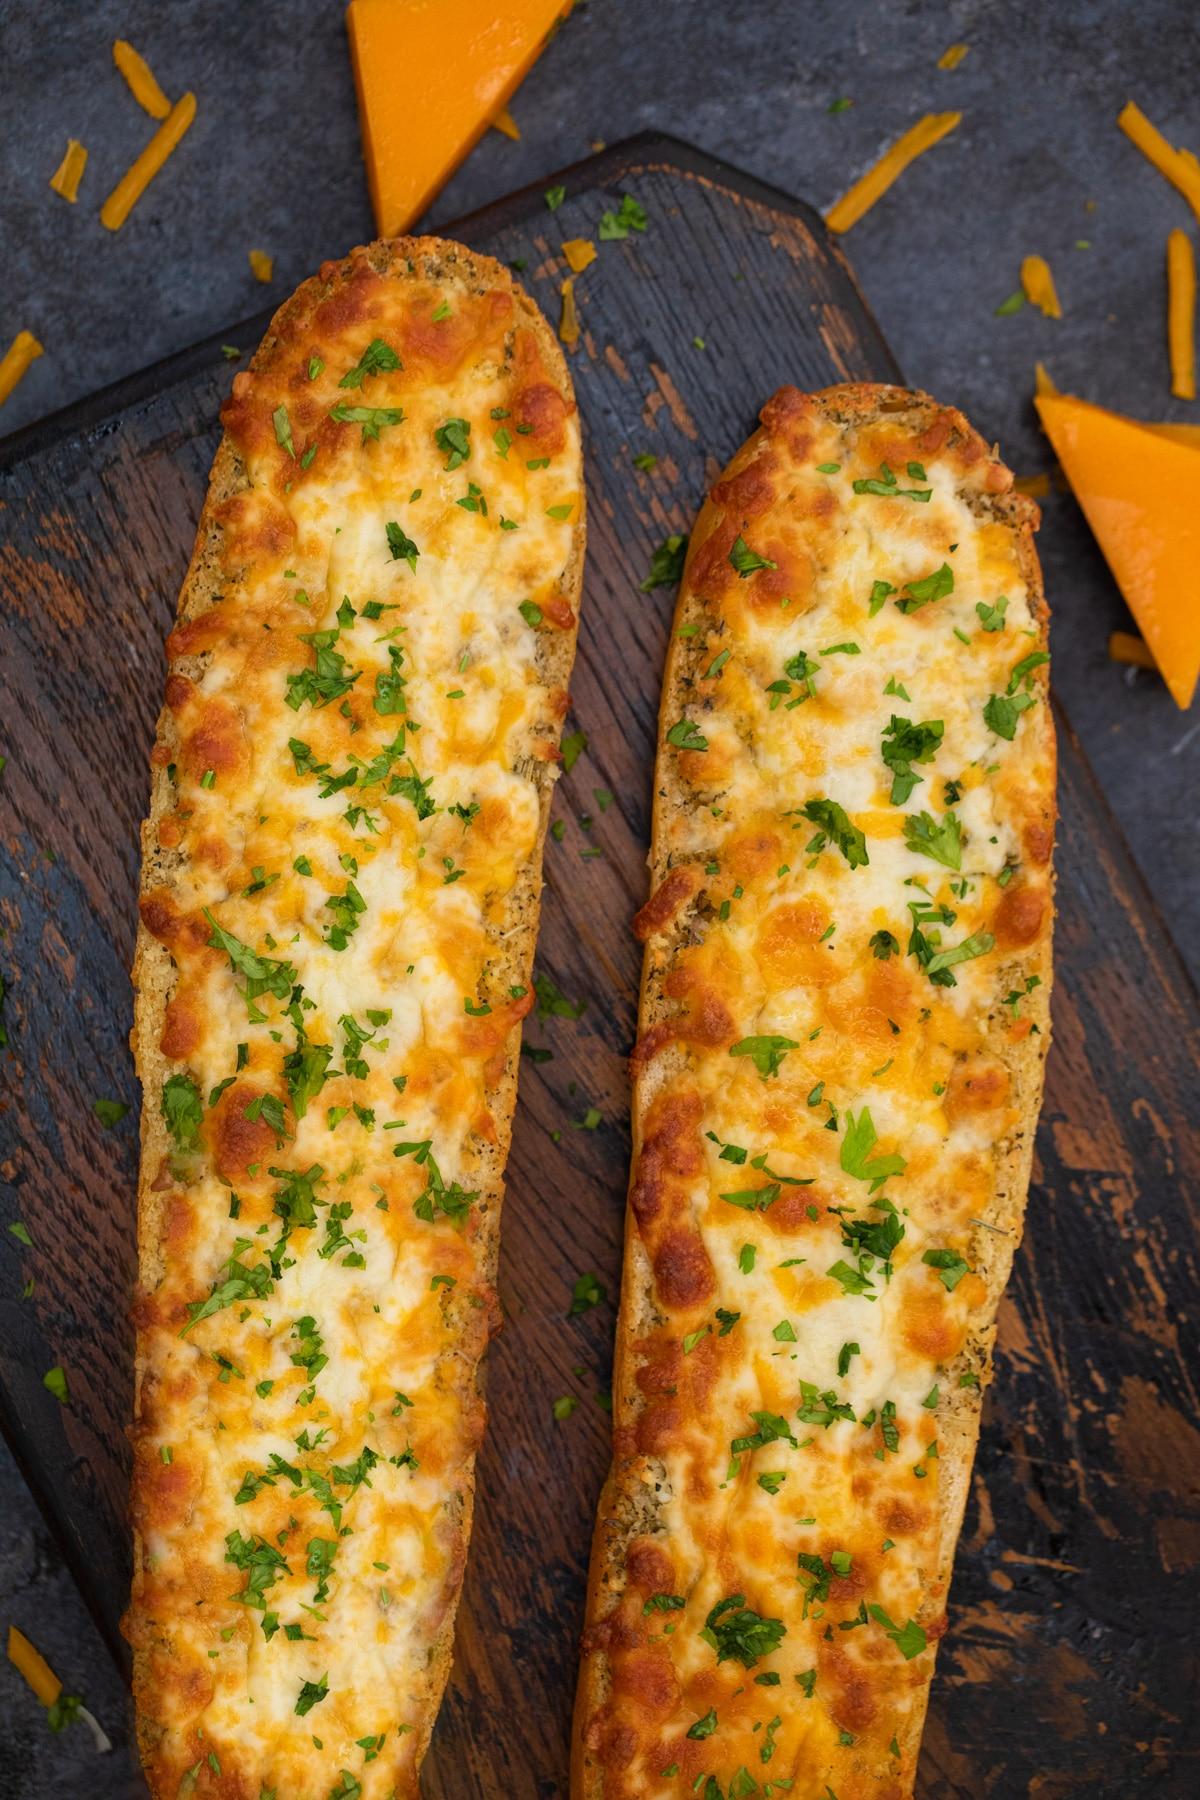 Loaf of garlic bread on wood